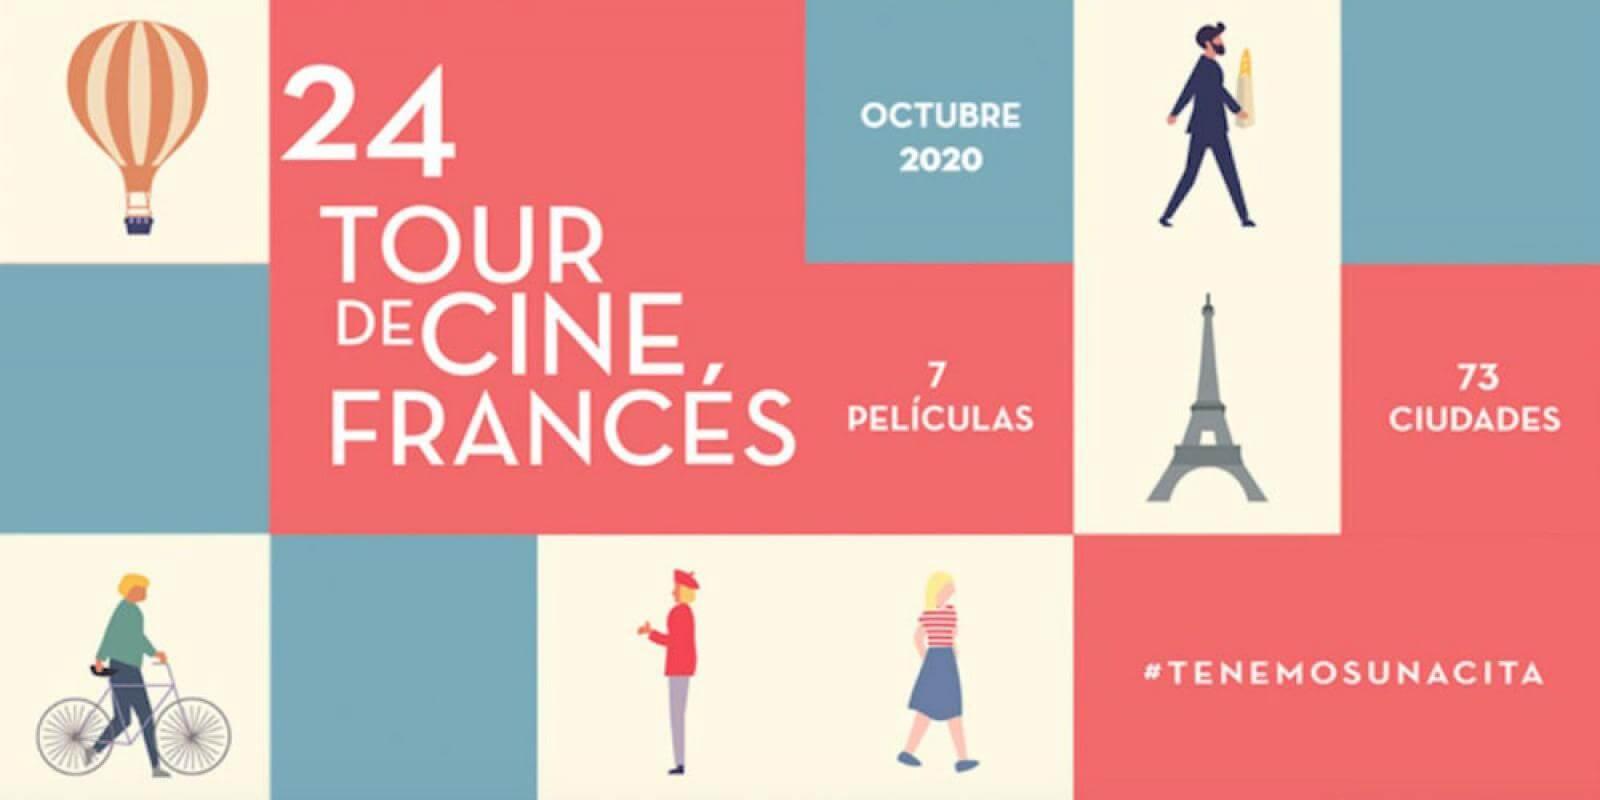 24° Tour de Cine Francés en salas mexicanas desde el 8 de octubre